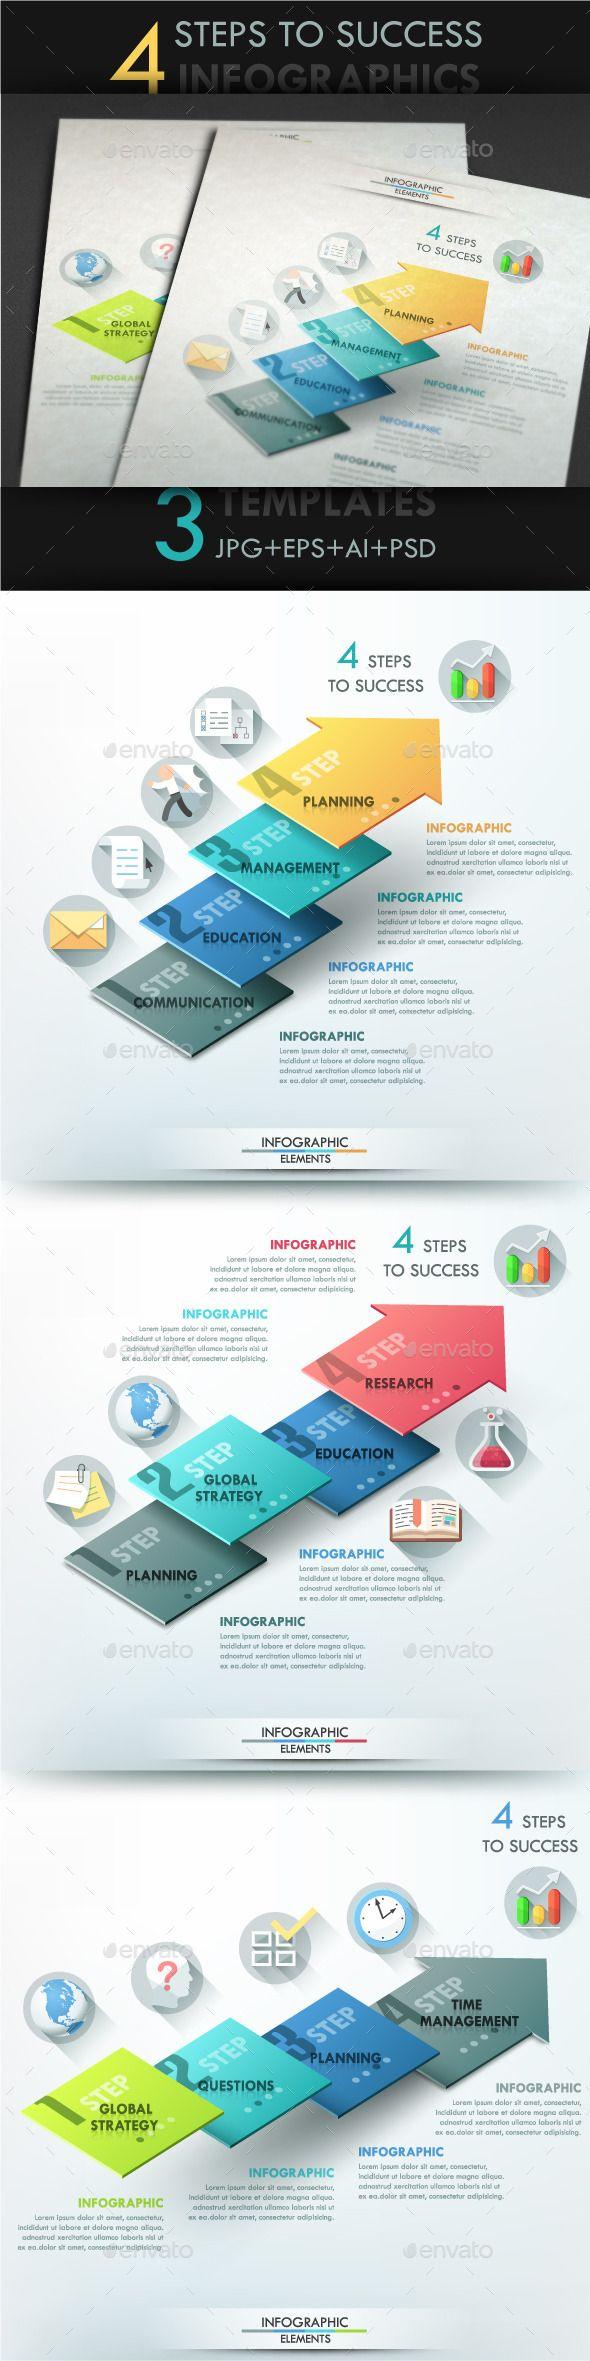 850 best ref images on Pinterest | 3d design, Design web and Info ...